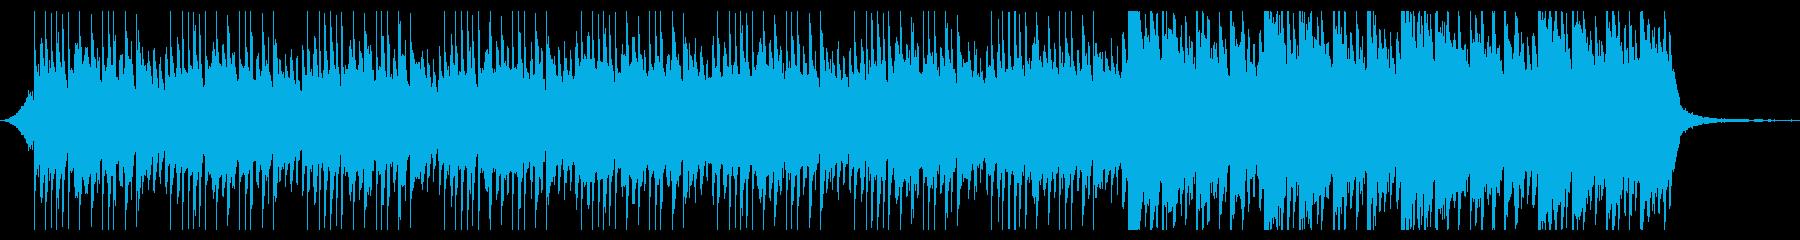 バイオリンとピアノの美しい感動BGMの再生済みの波形